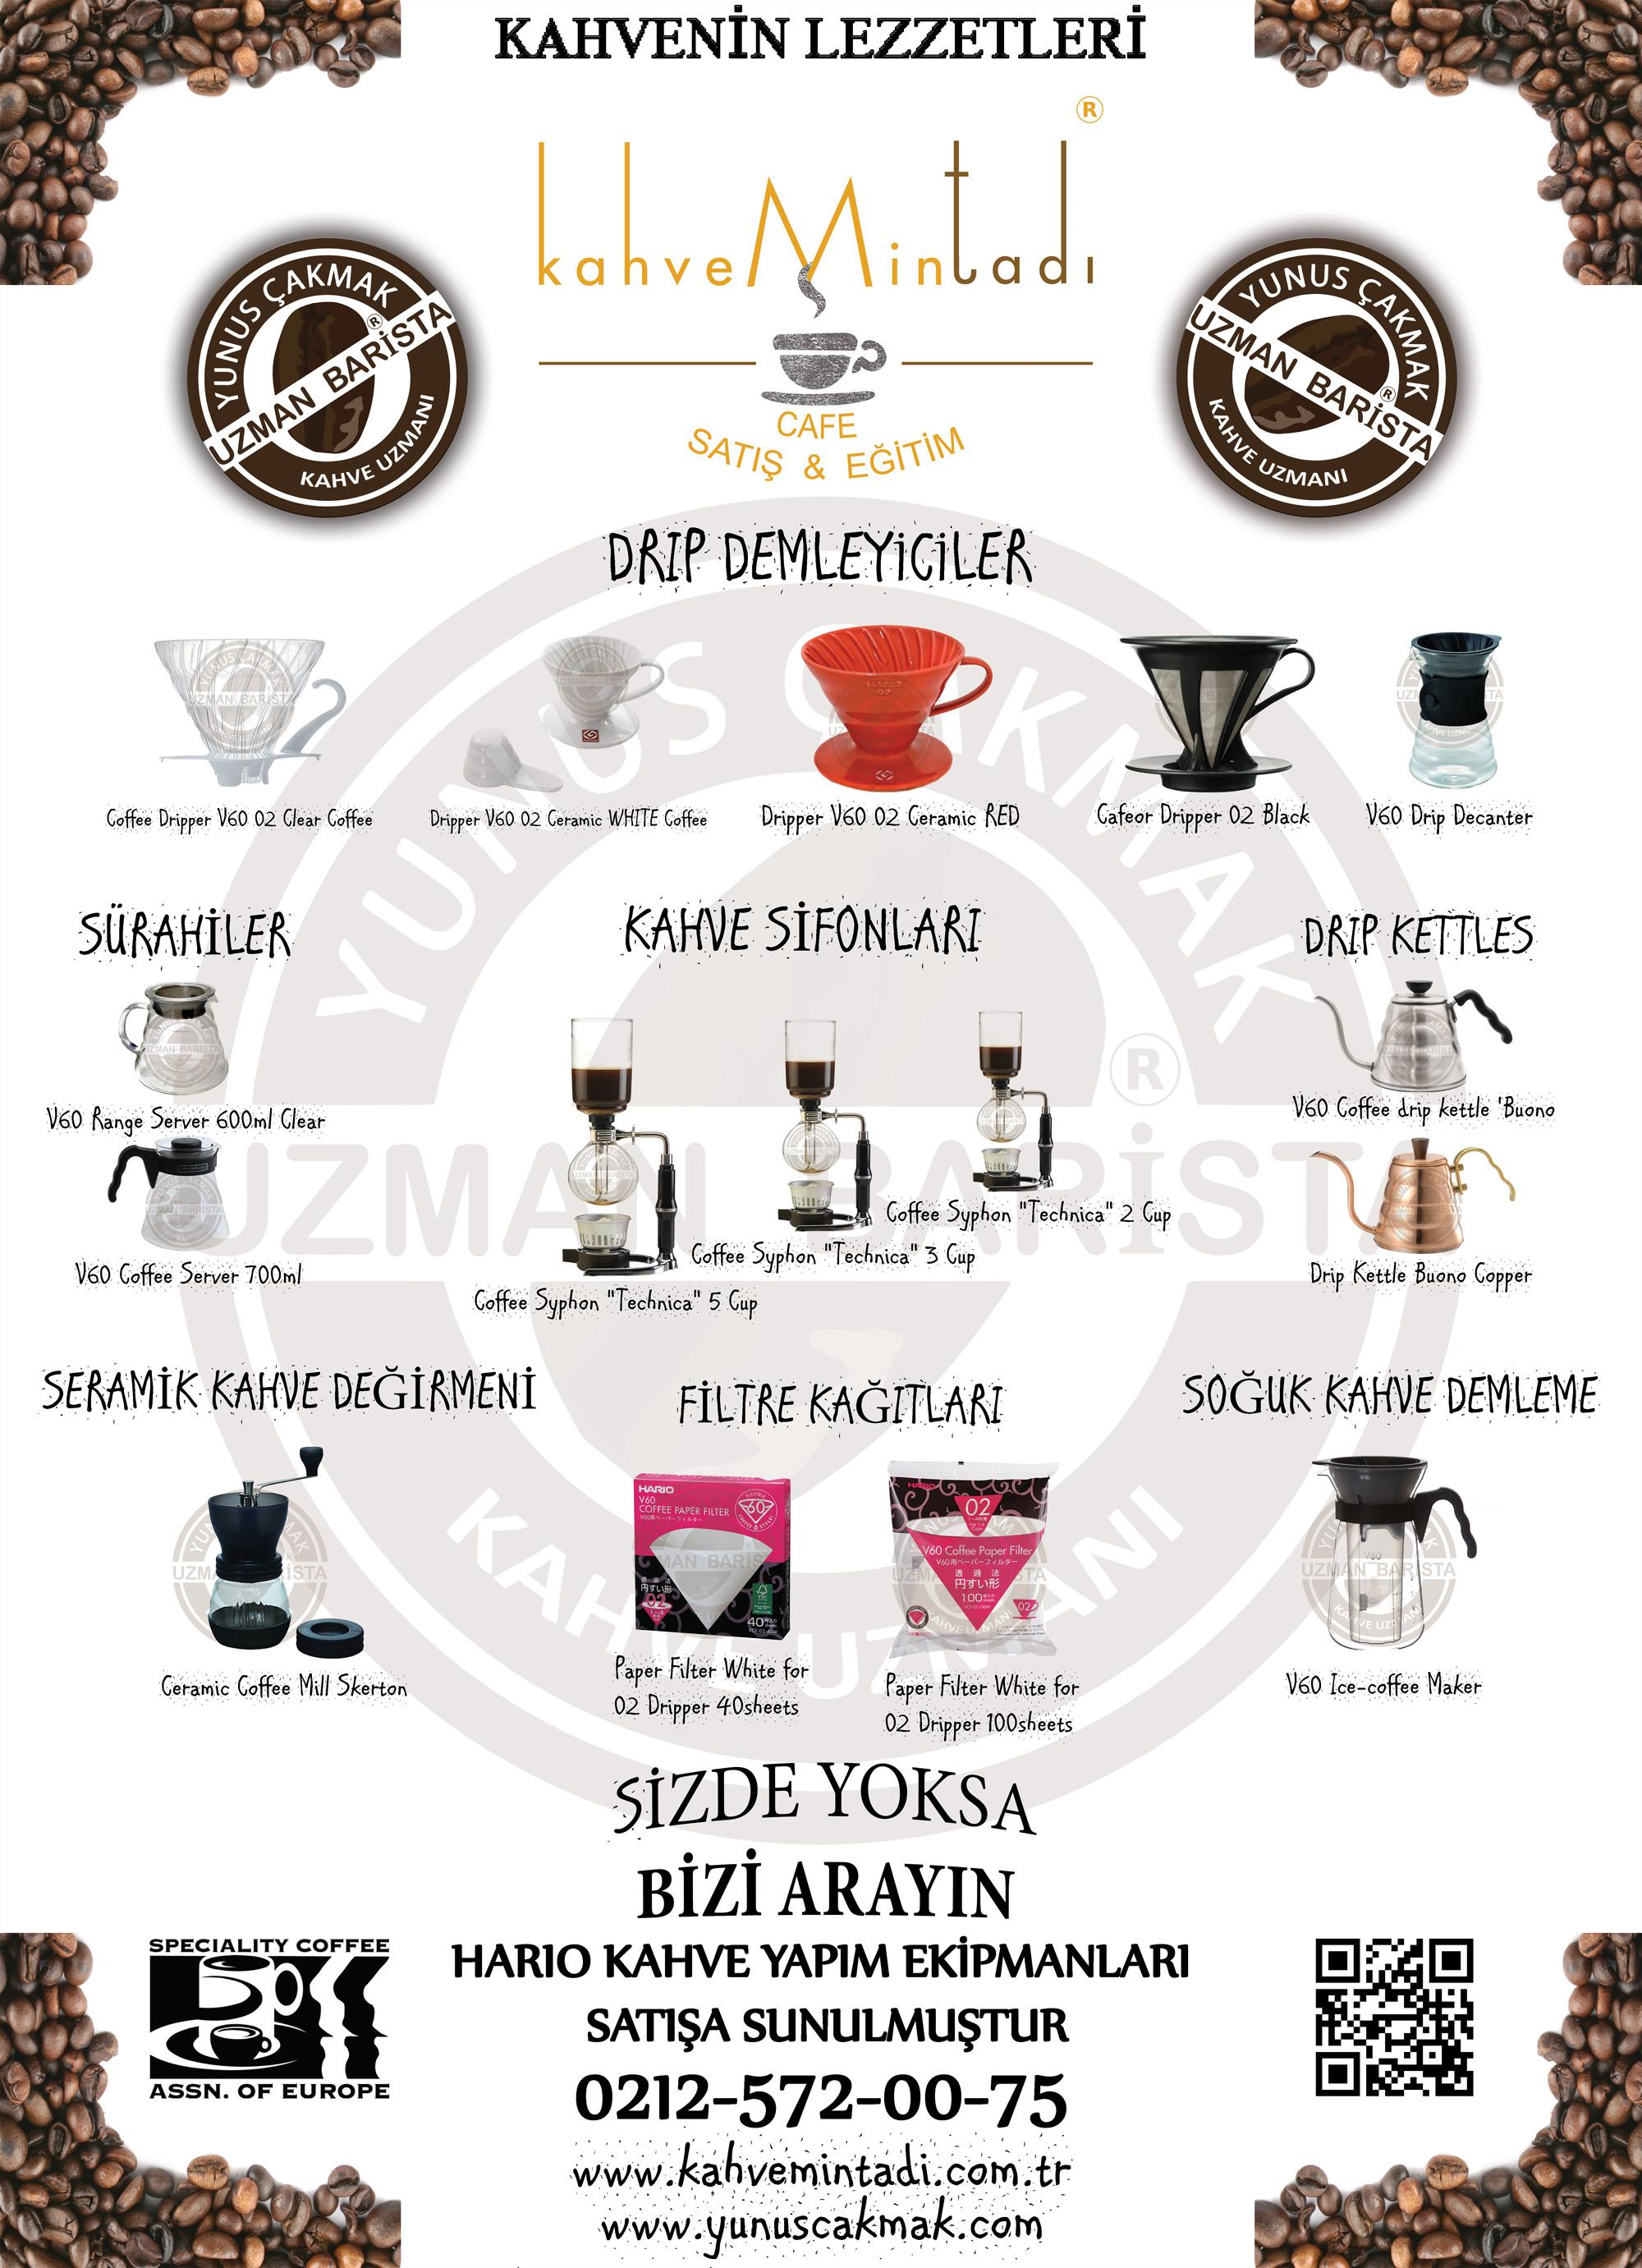 kahvemin-tadı-hario-kahve-ekipmanlari